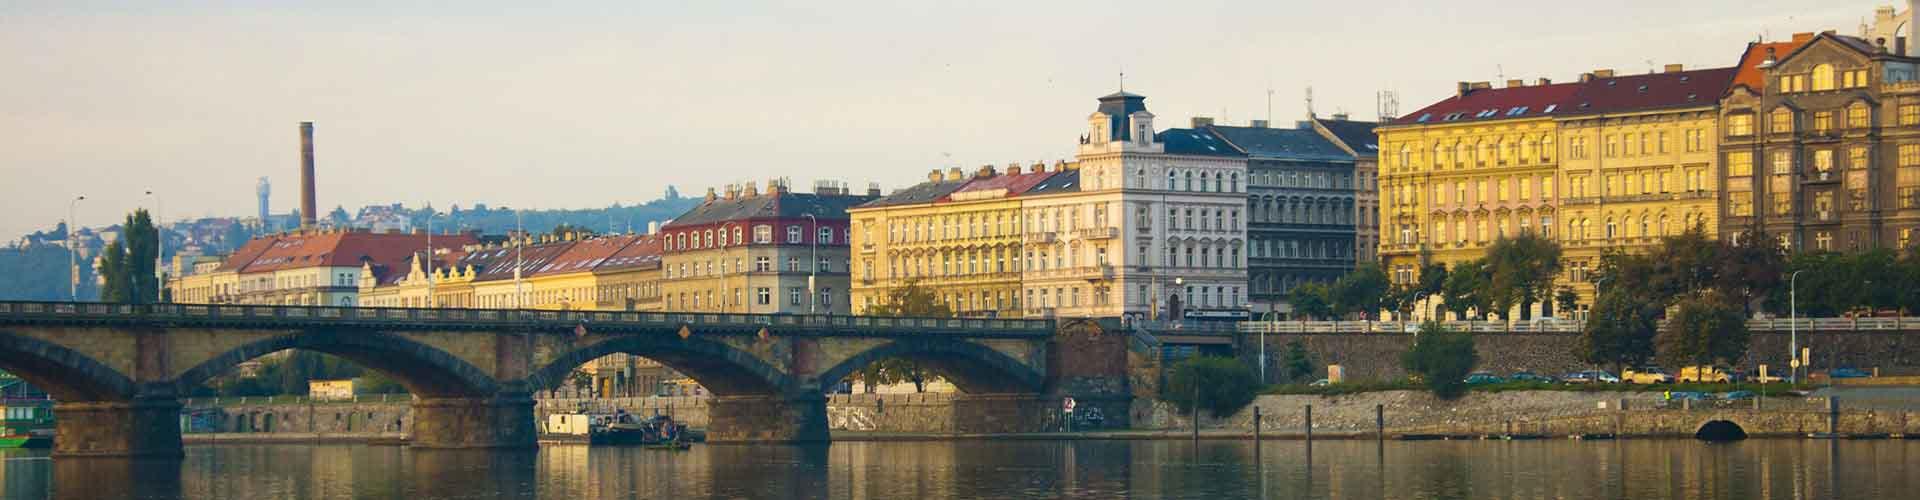 프라하 - Prague 2지역에 위치한 호텔. 프라하의 지도, 프라하에 위치한 호텔에 대한 사진 및 리뷰.